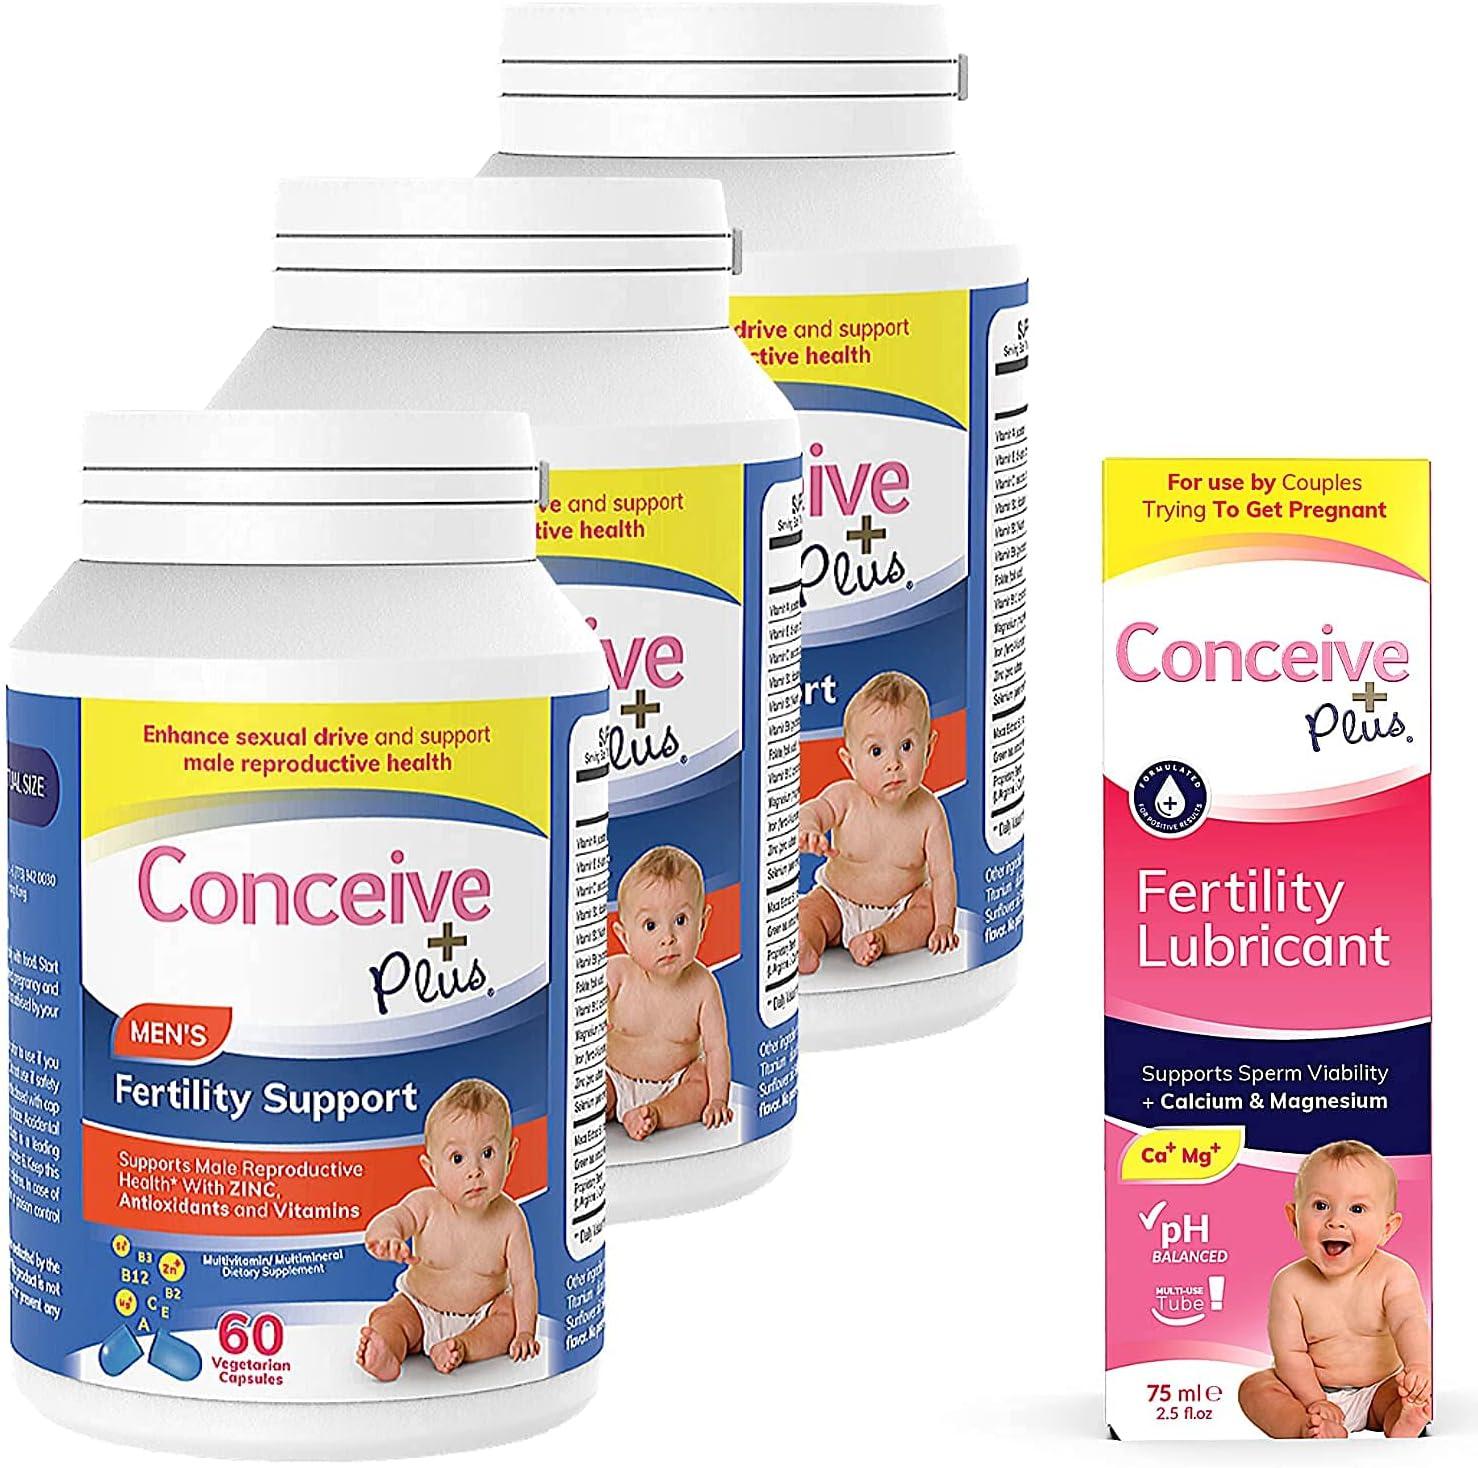 CONCEIVE 新入荷 流行 PLUS Mens Fertility 高級な Bundle Months Fertilit Supply 3